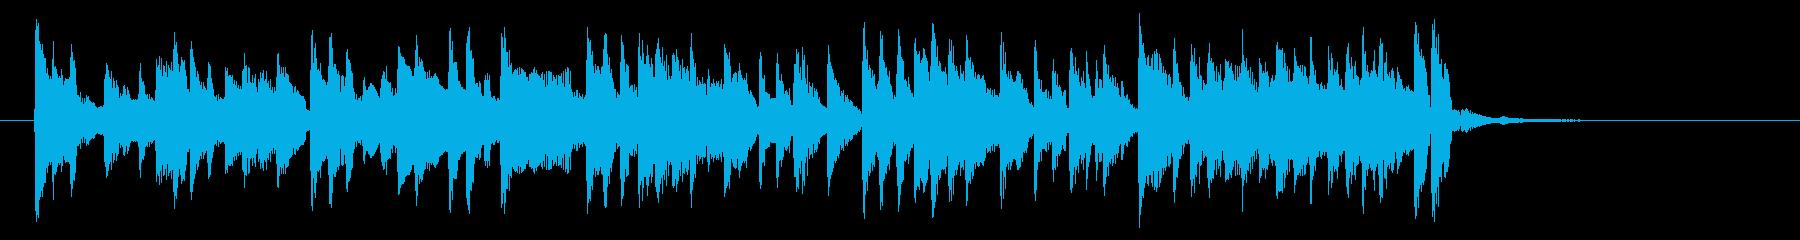 軽快でリズミカルなシンセとピアノジングルの再生済みの波形